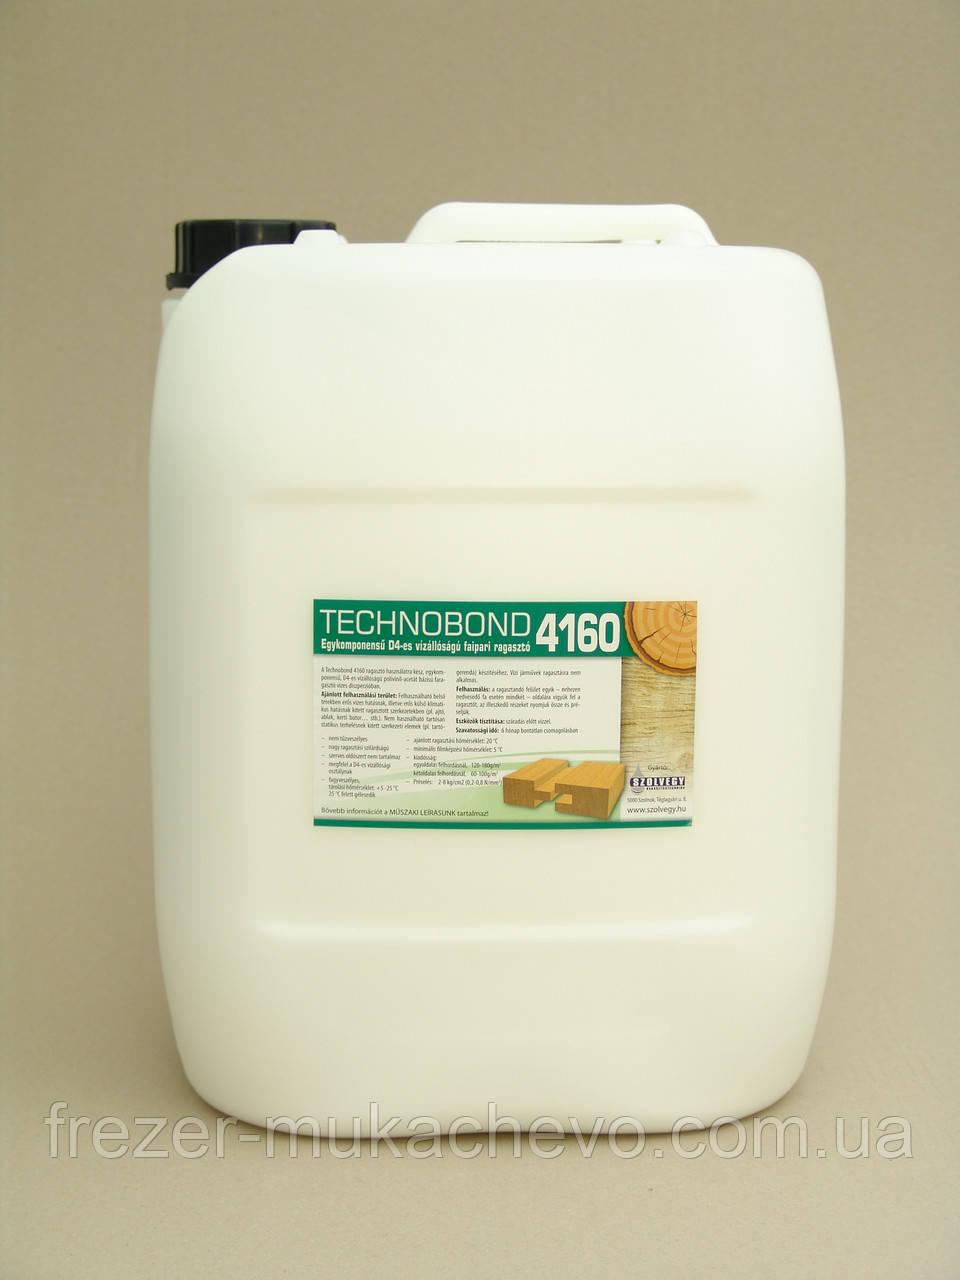 Technobond 4160/1kD4 20 кг